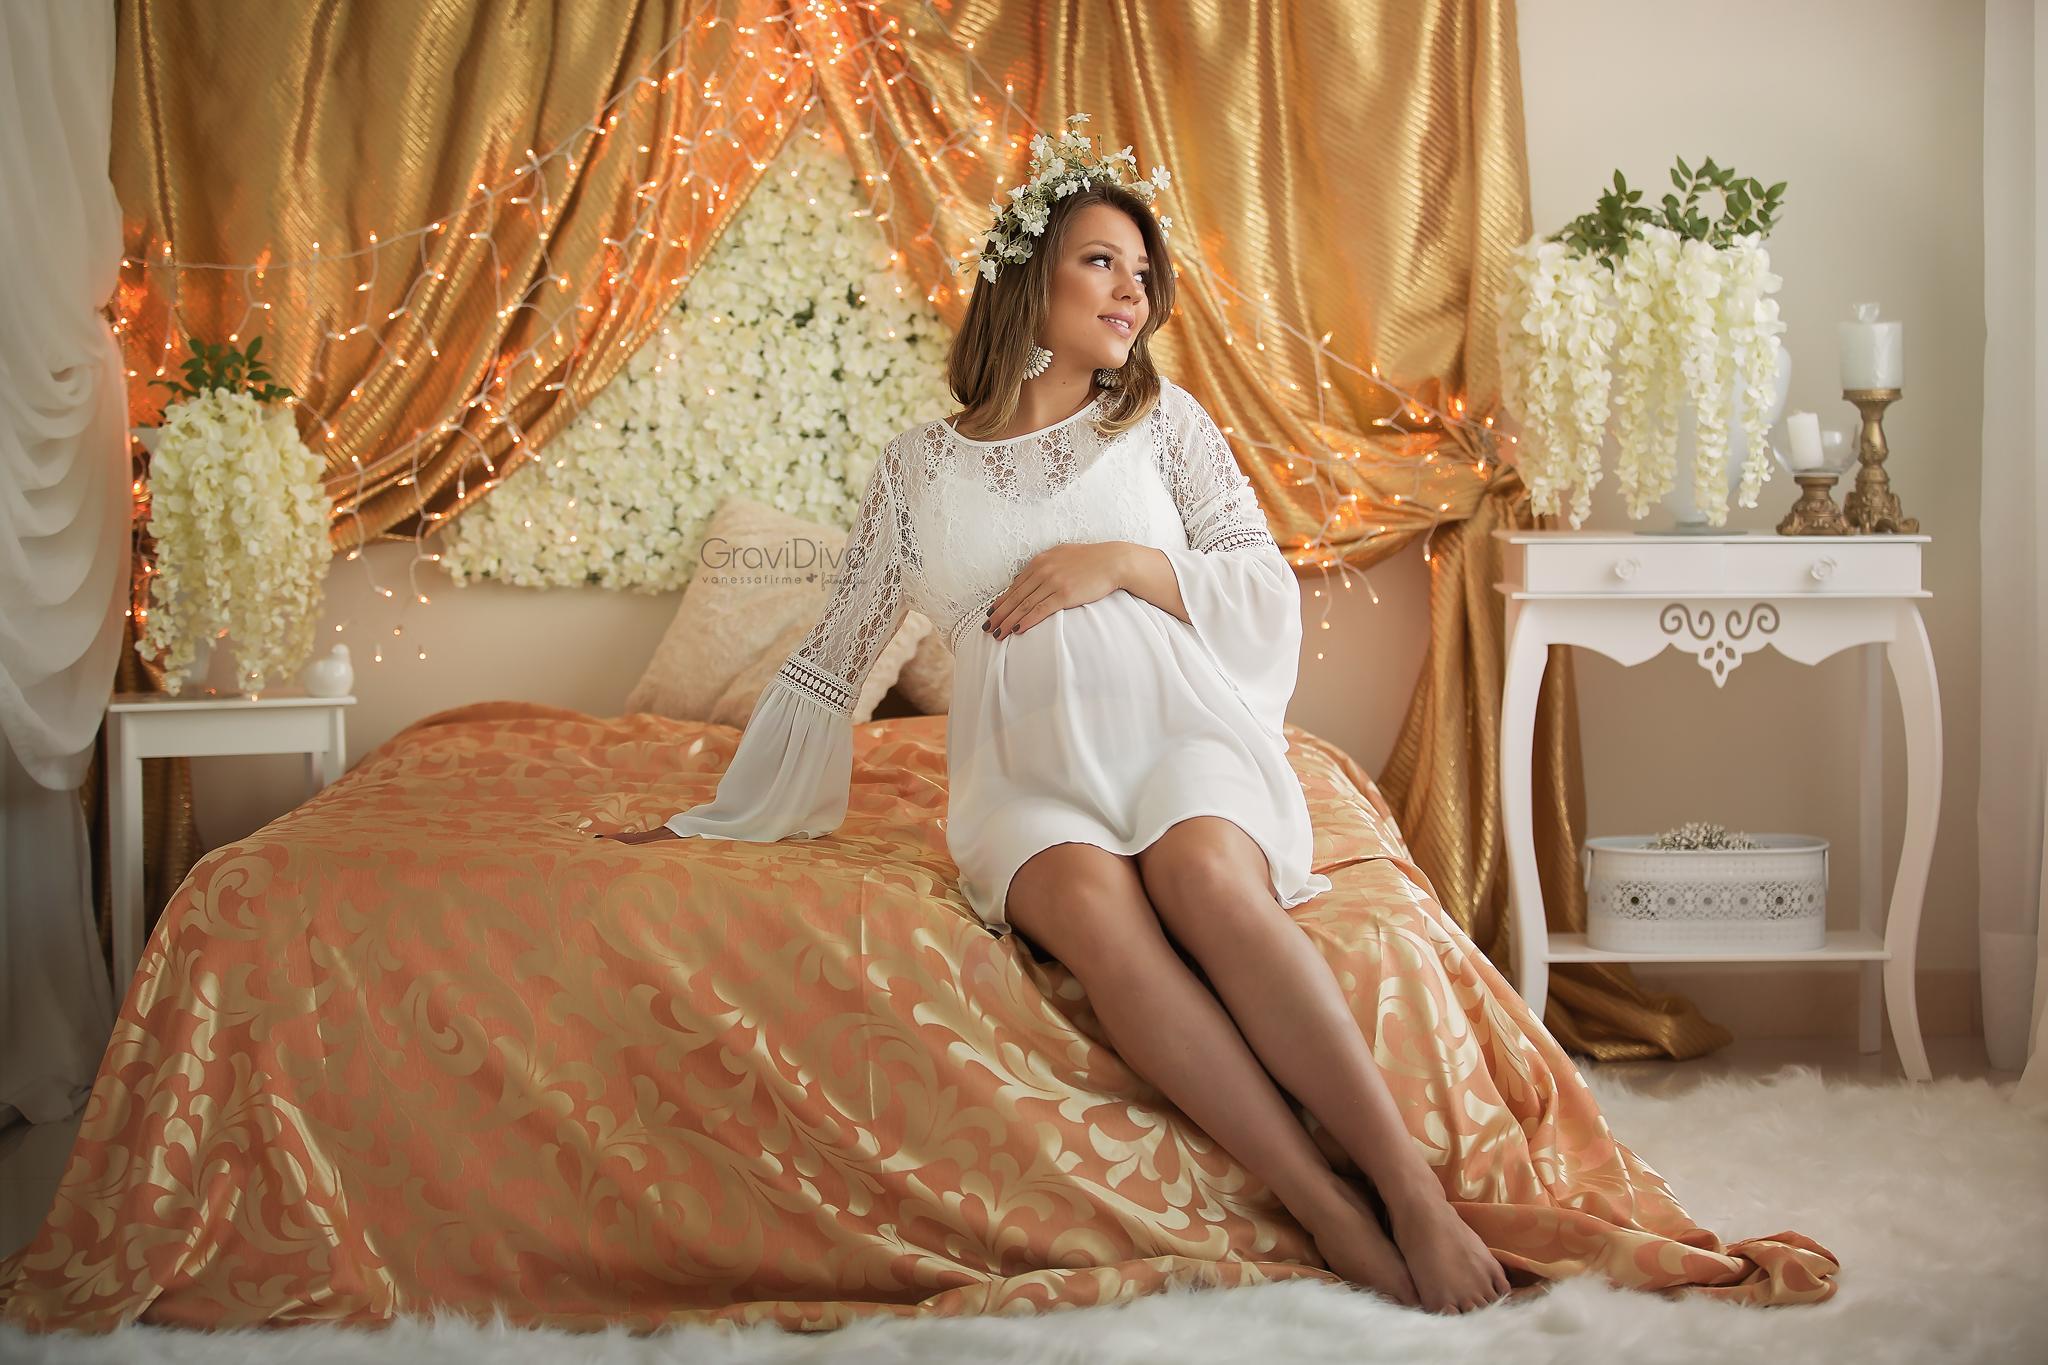 GRAVIDIVA, gestante, gravida